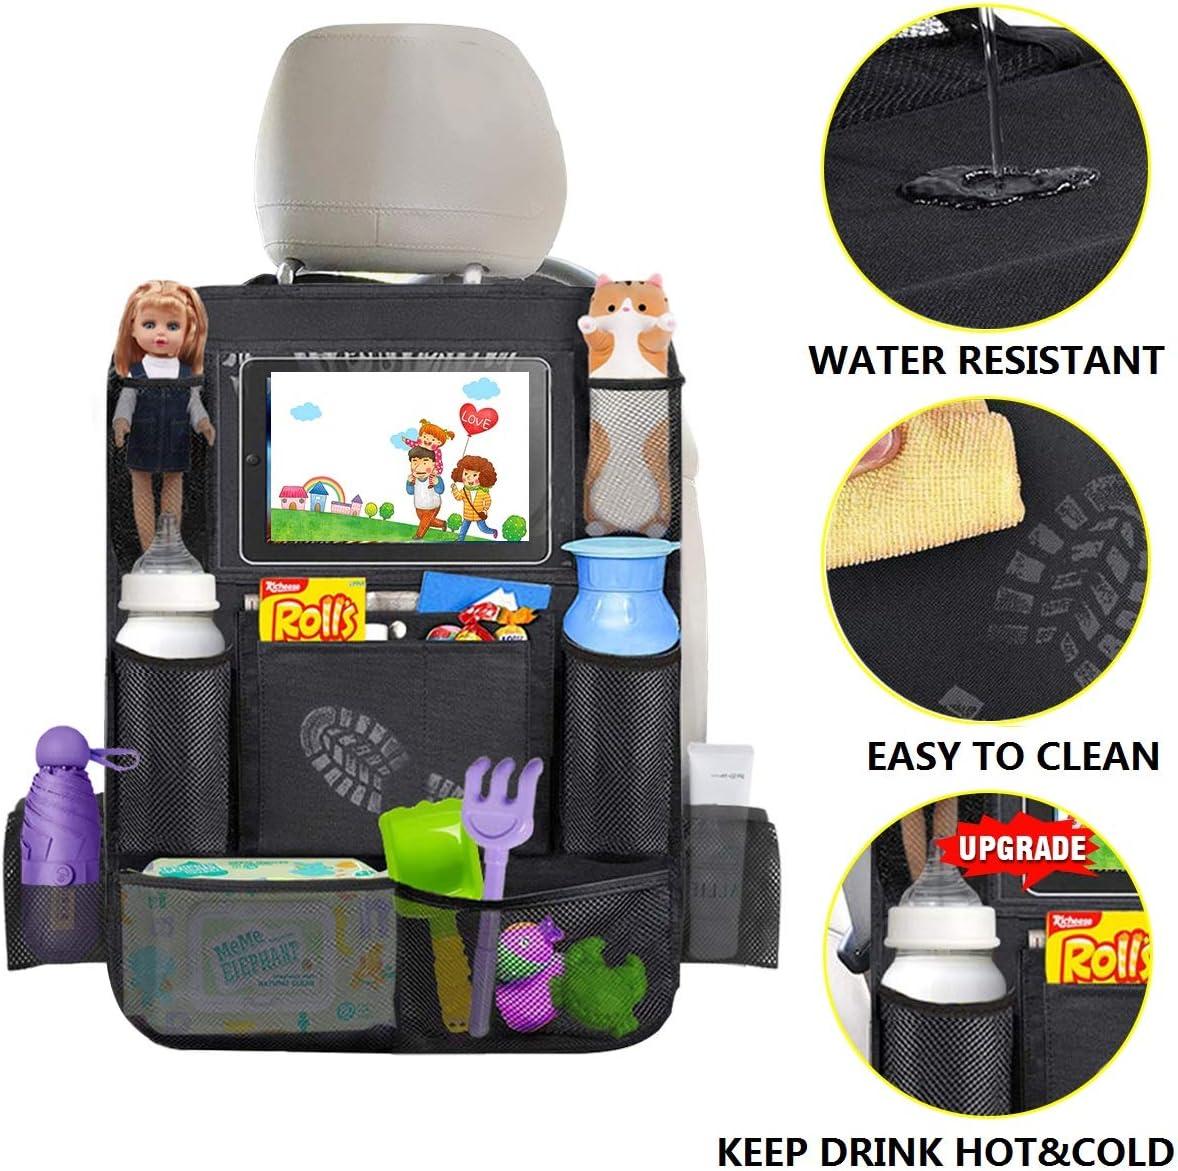 Vine Asiento trasero del coche Organizador Multi-bolsillos para el beb/é Bolsas de pantalla t/áctil para Ipad Ni/ños Viajes Organizador ordenado